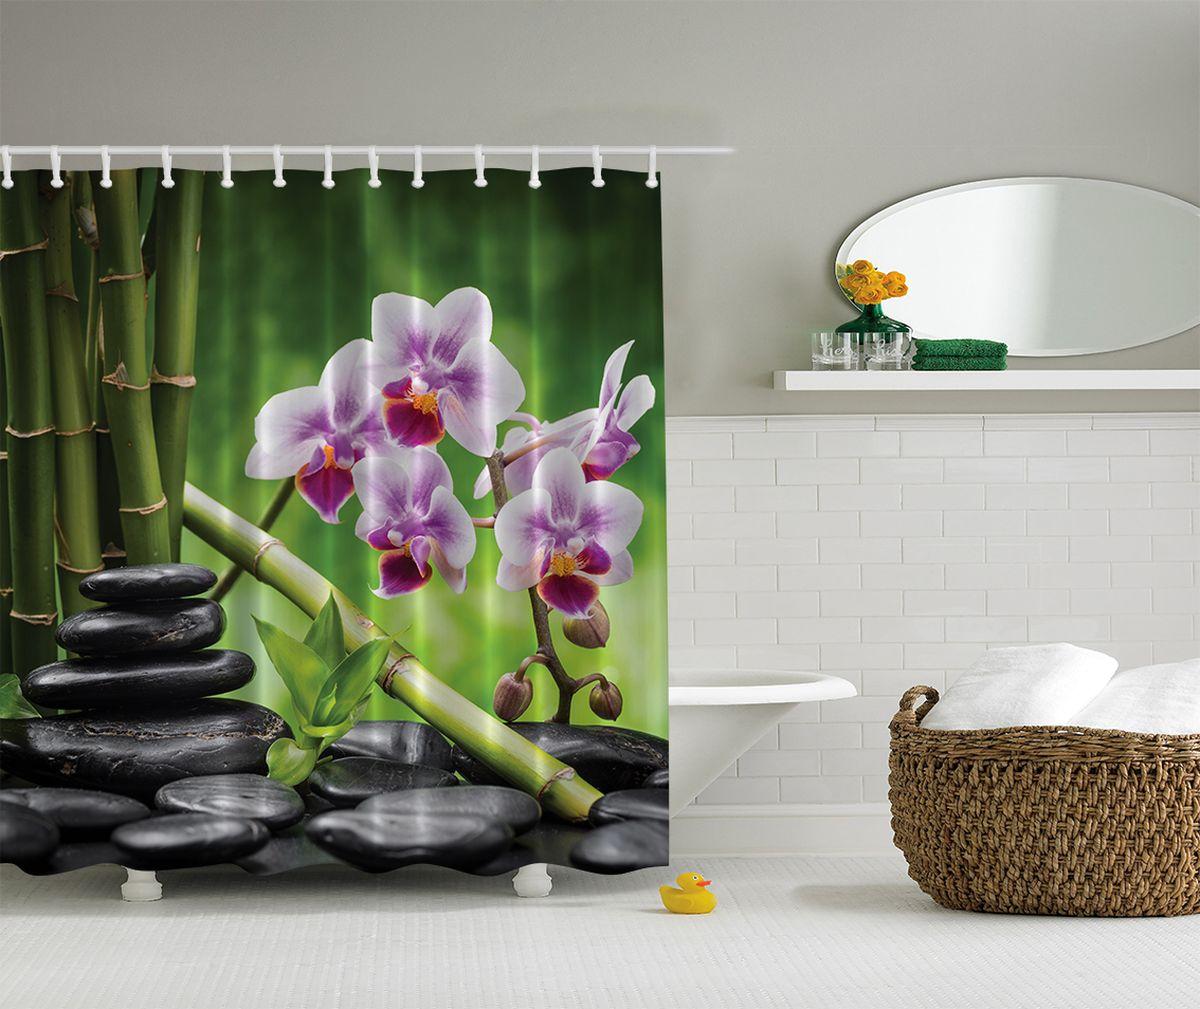 Штора для ванной комнаты Magic Lady Стиль Фен-шуй, 180 х 200 см32329Штора Magic Lady Стиль Фен-шуй, изготовленная из высококачественного сатена (полиэстер 100%), отлично дополнит любой интерьер ванной комнаты. При изготовлении используются специальные гипоаллергенные чернила для прямой печати по ткани, безопасные для человека.В комплекте: 1 штора, 12 крючков. Обращаем ваше внимание, фактический цвет изделия может незначительно отличаться от представленного на фото.